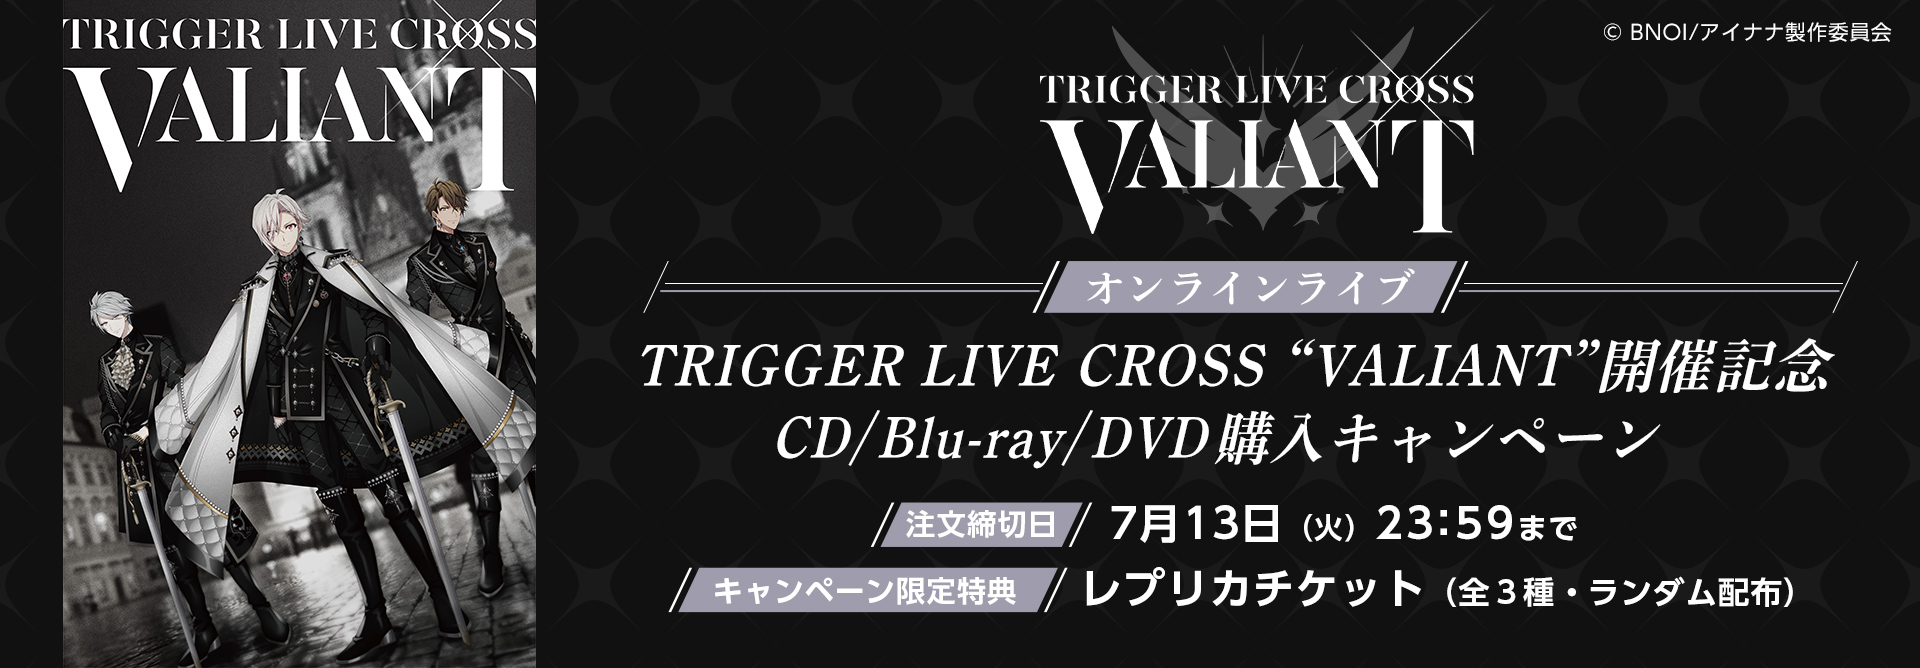 """オンラインライブ TRIGGER LIVE CROSS """"VALIANT""""の開催記念CD/Blu-ray/DVD購入キャンペーン"""